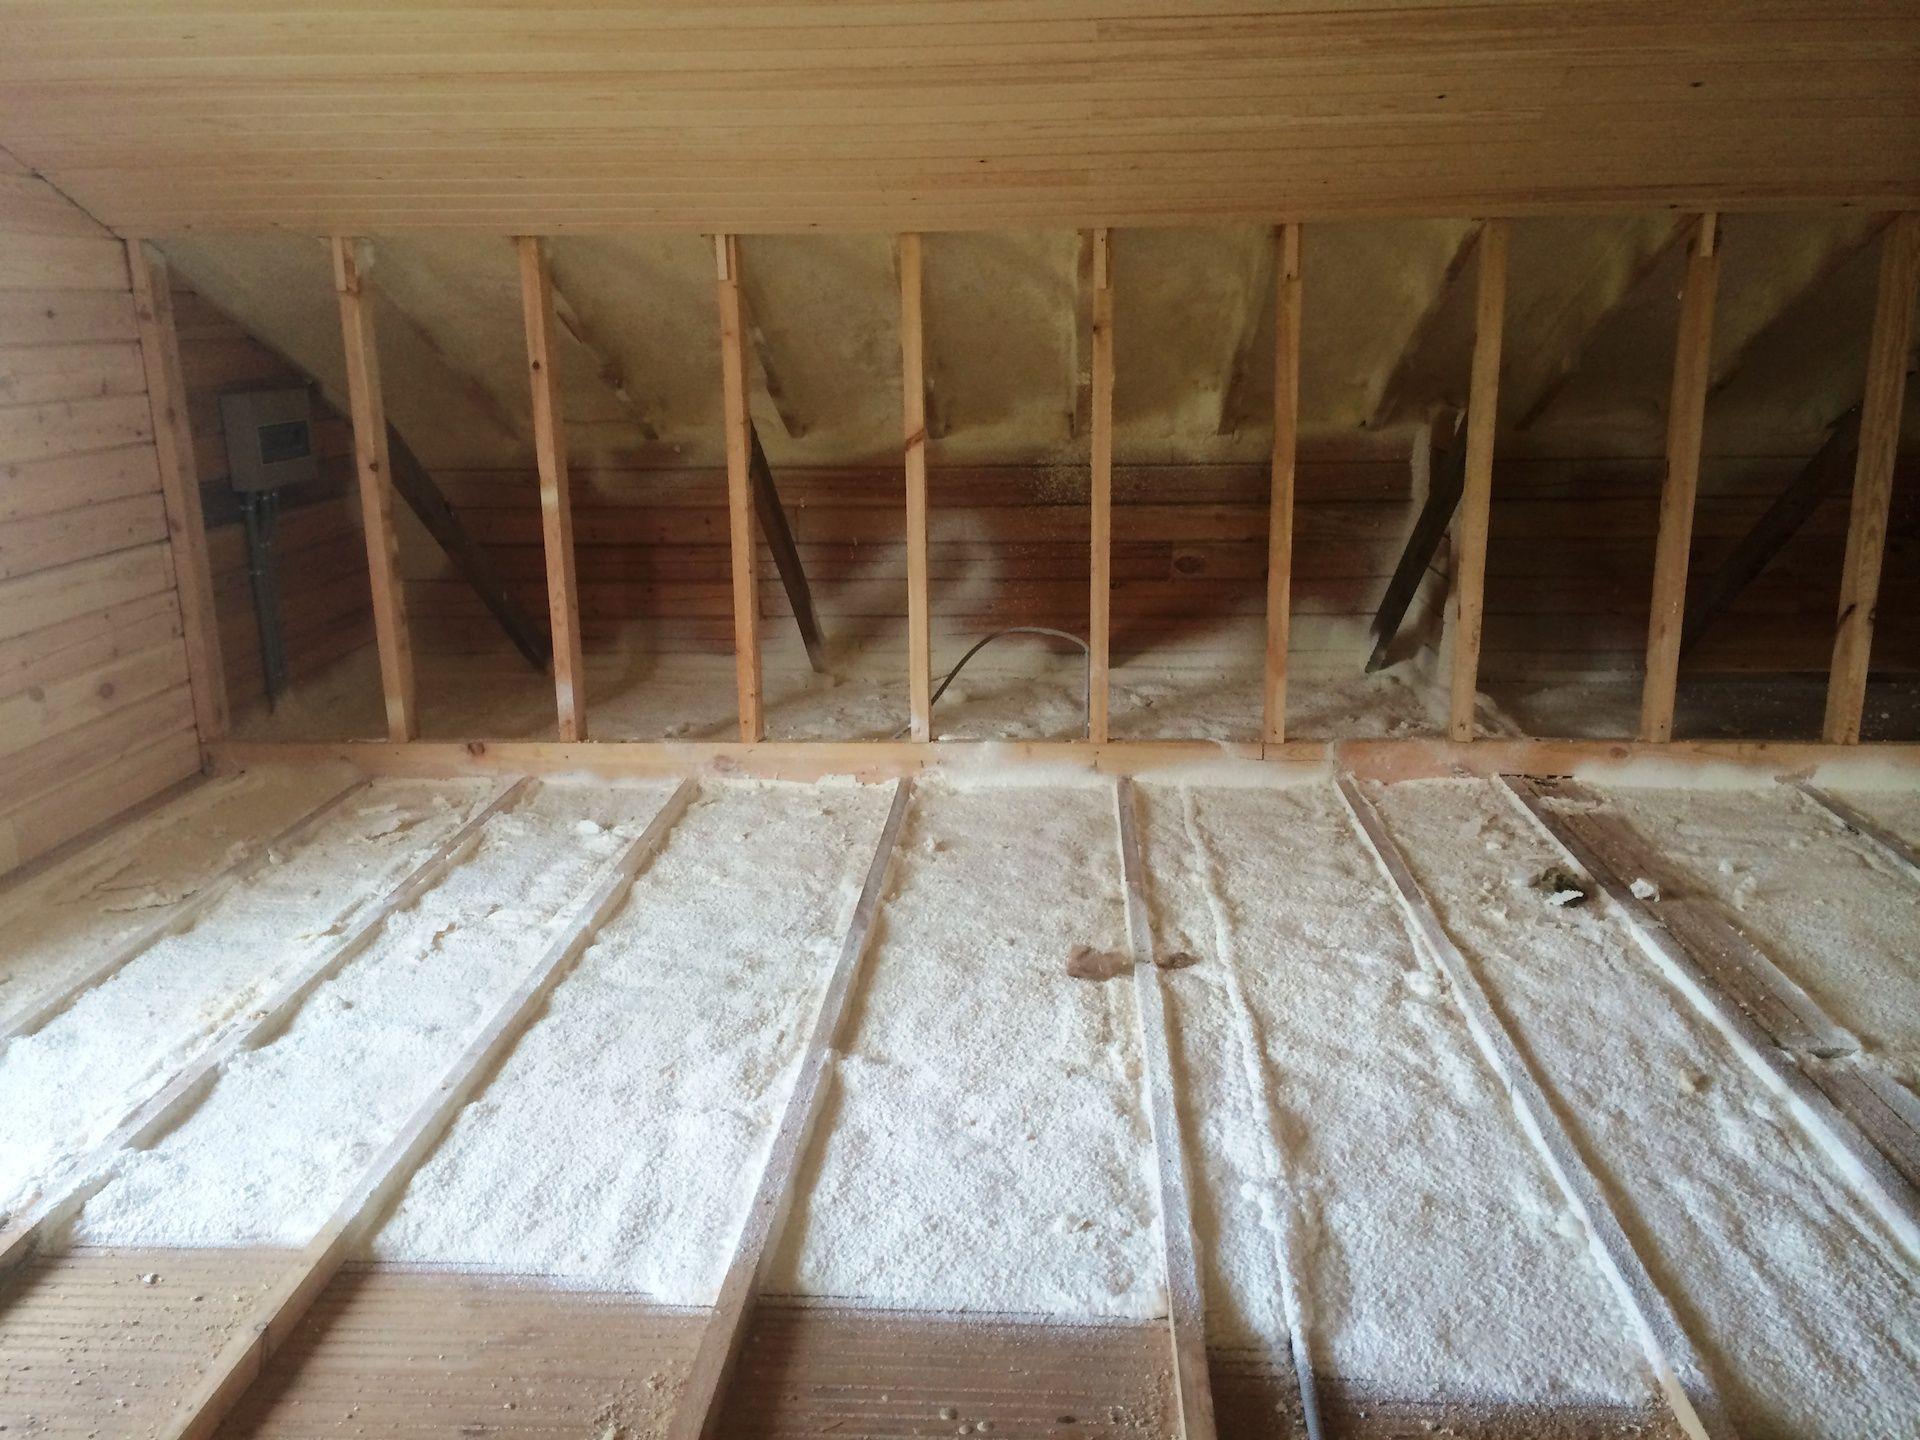 Керамзит для подвала — как утеплить строение от промерзания изнутри и снаружи?